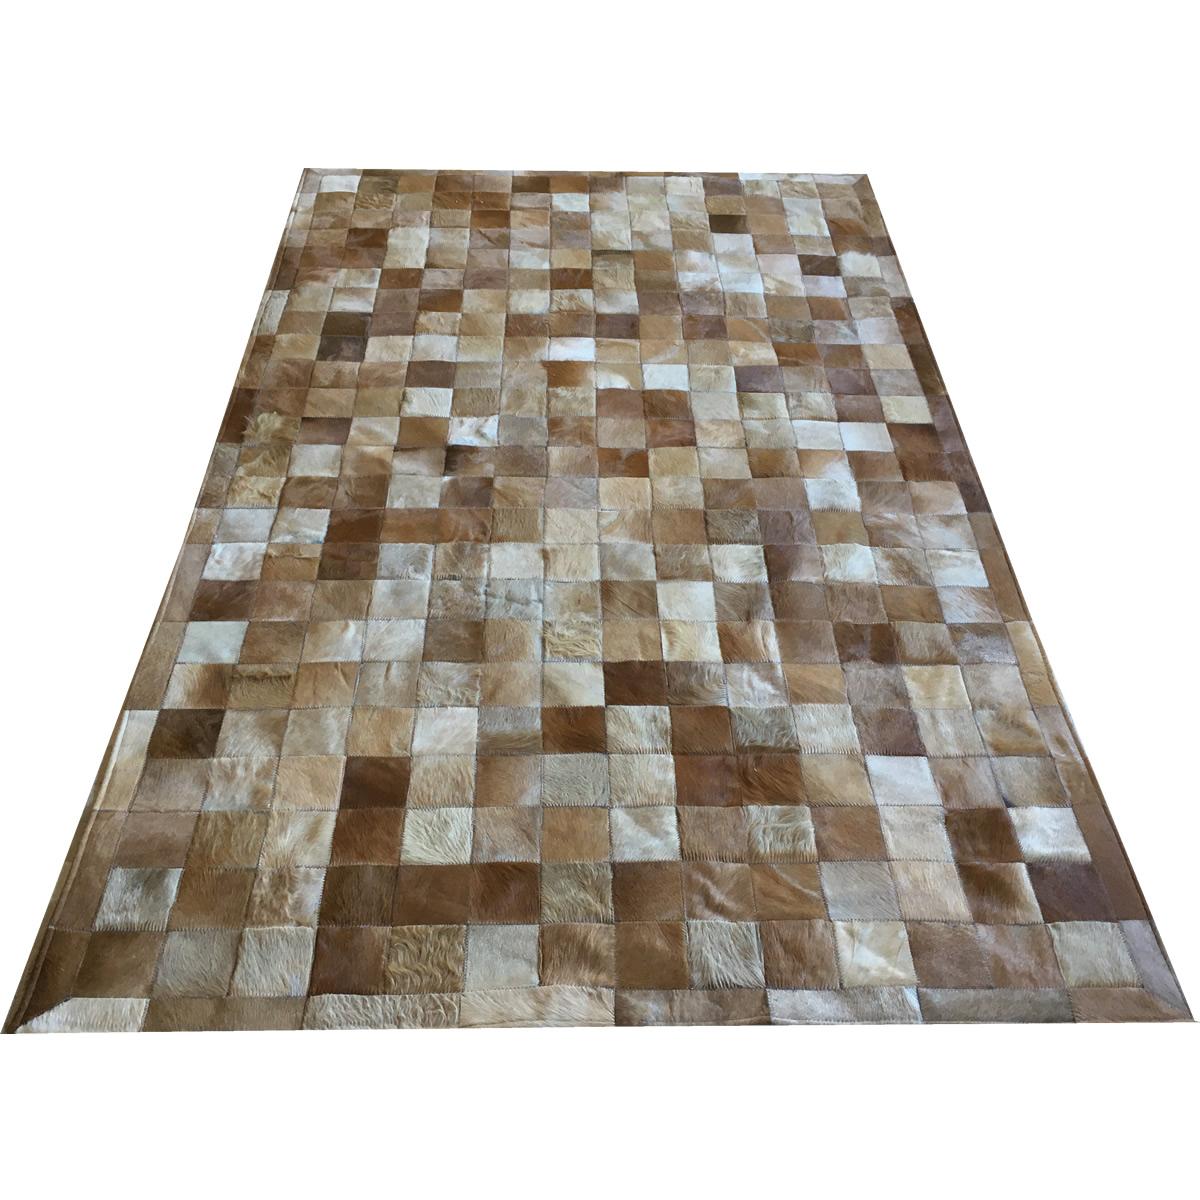 Tapete de couro bege 1,50x2,50 com borda peça 10x10cm